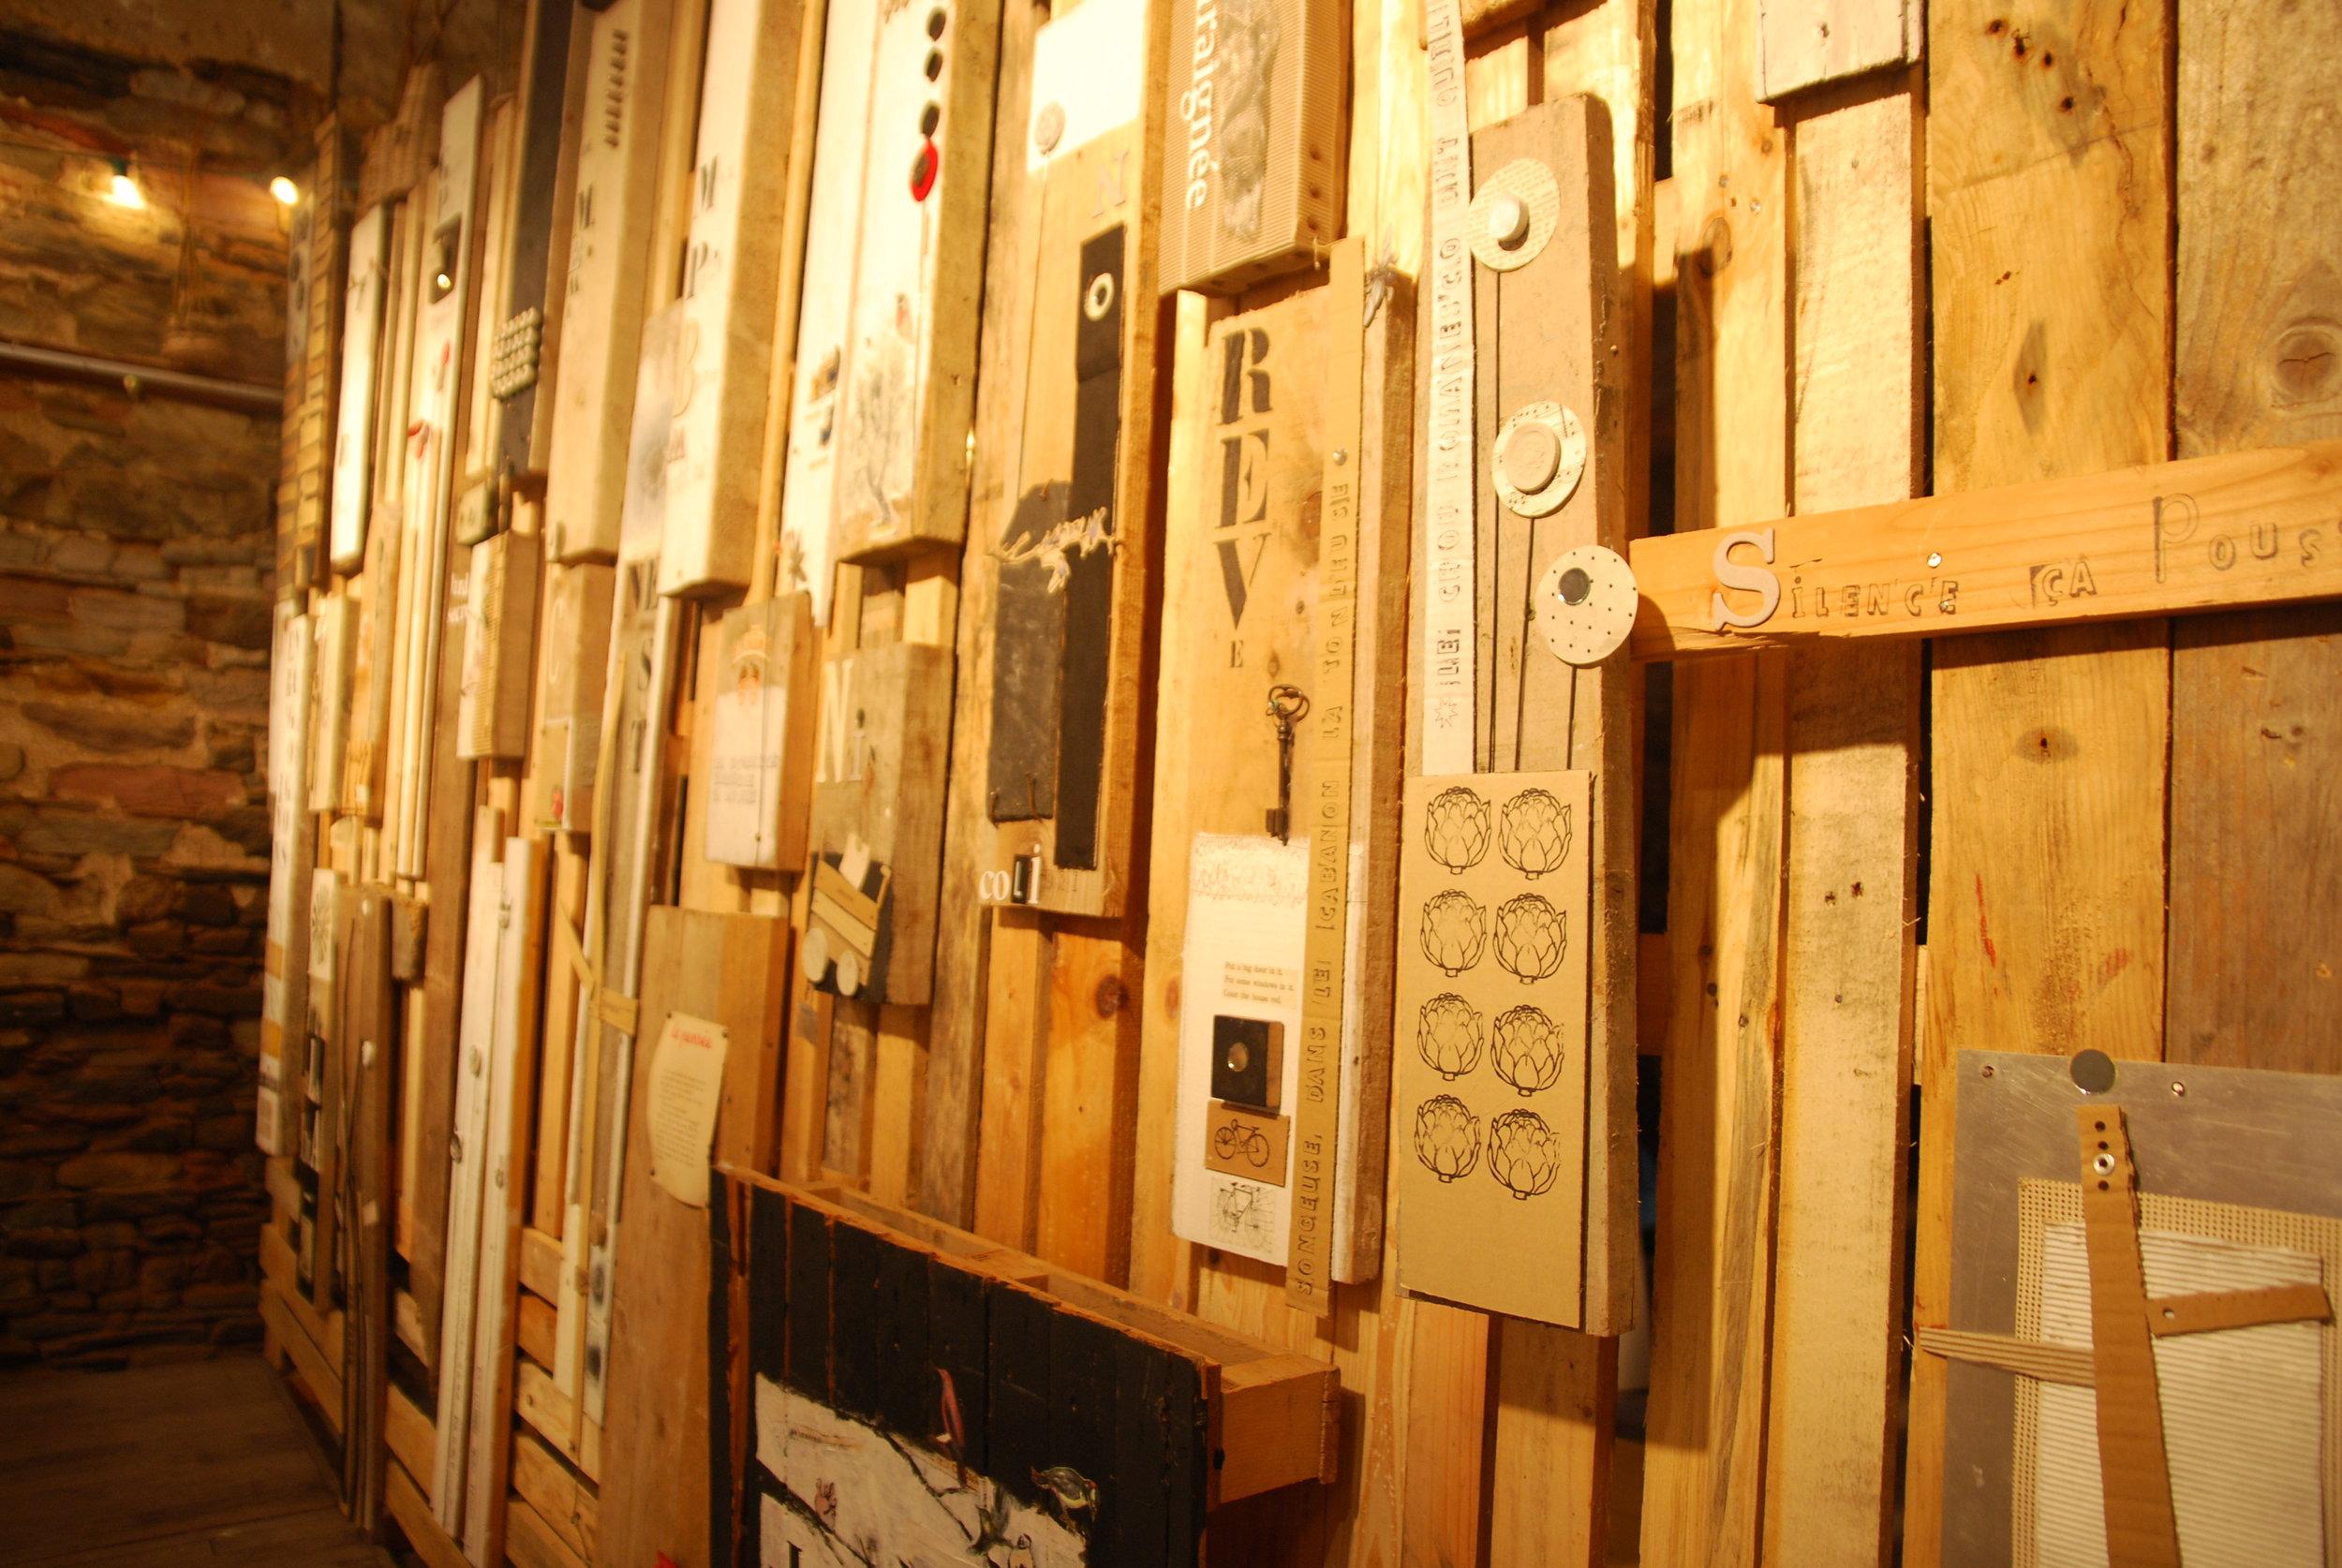 Garden wall - Assemblage sur boisInstallation d'une palissade dans des greniers à sel